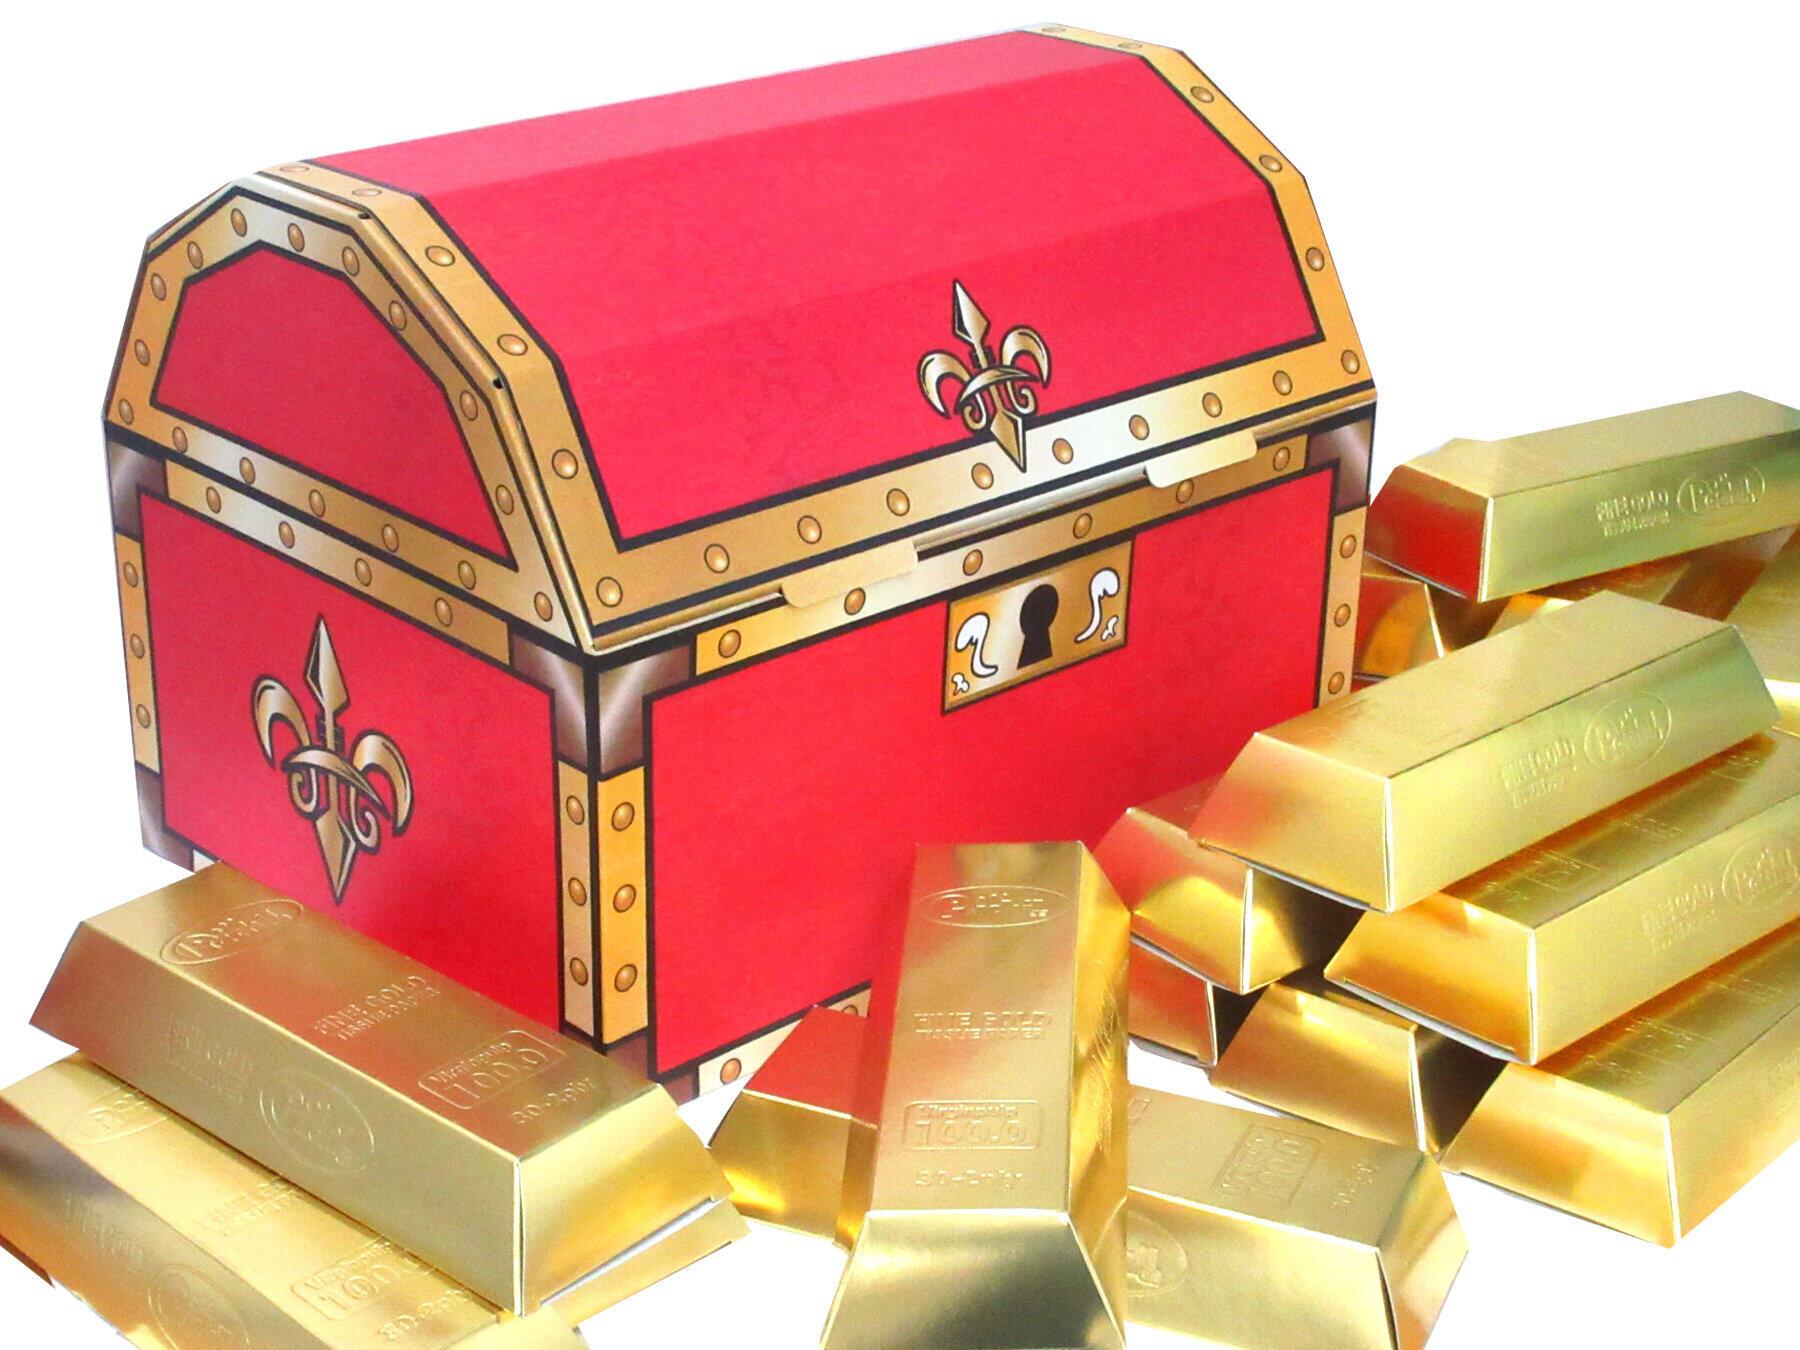 金インゴット形のティッシュペーパーを入れた「王様の宝箱」